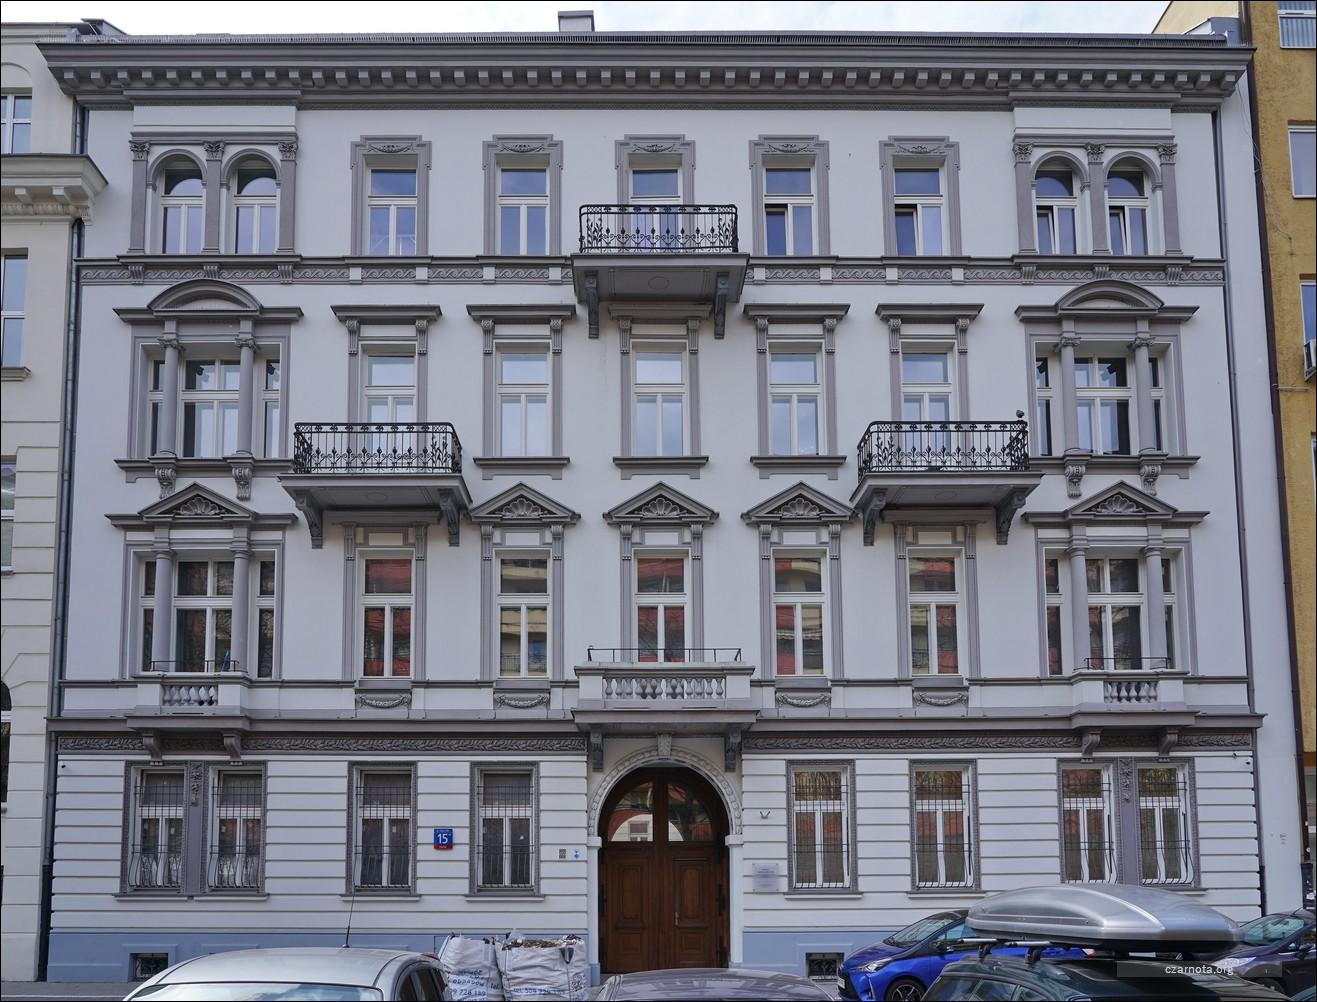 Warszawa, ul. Mikołaja Kopernika 11, 13, 15 w 2010 i 2021